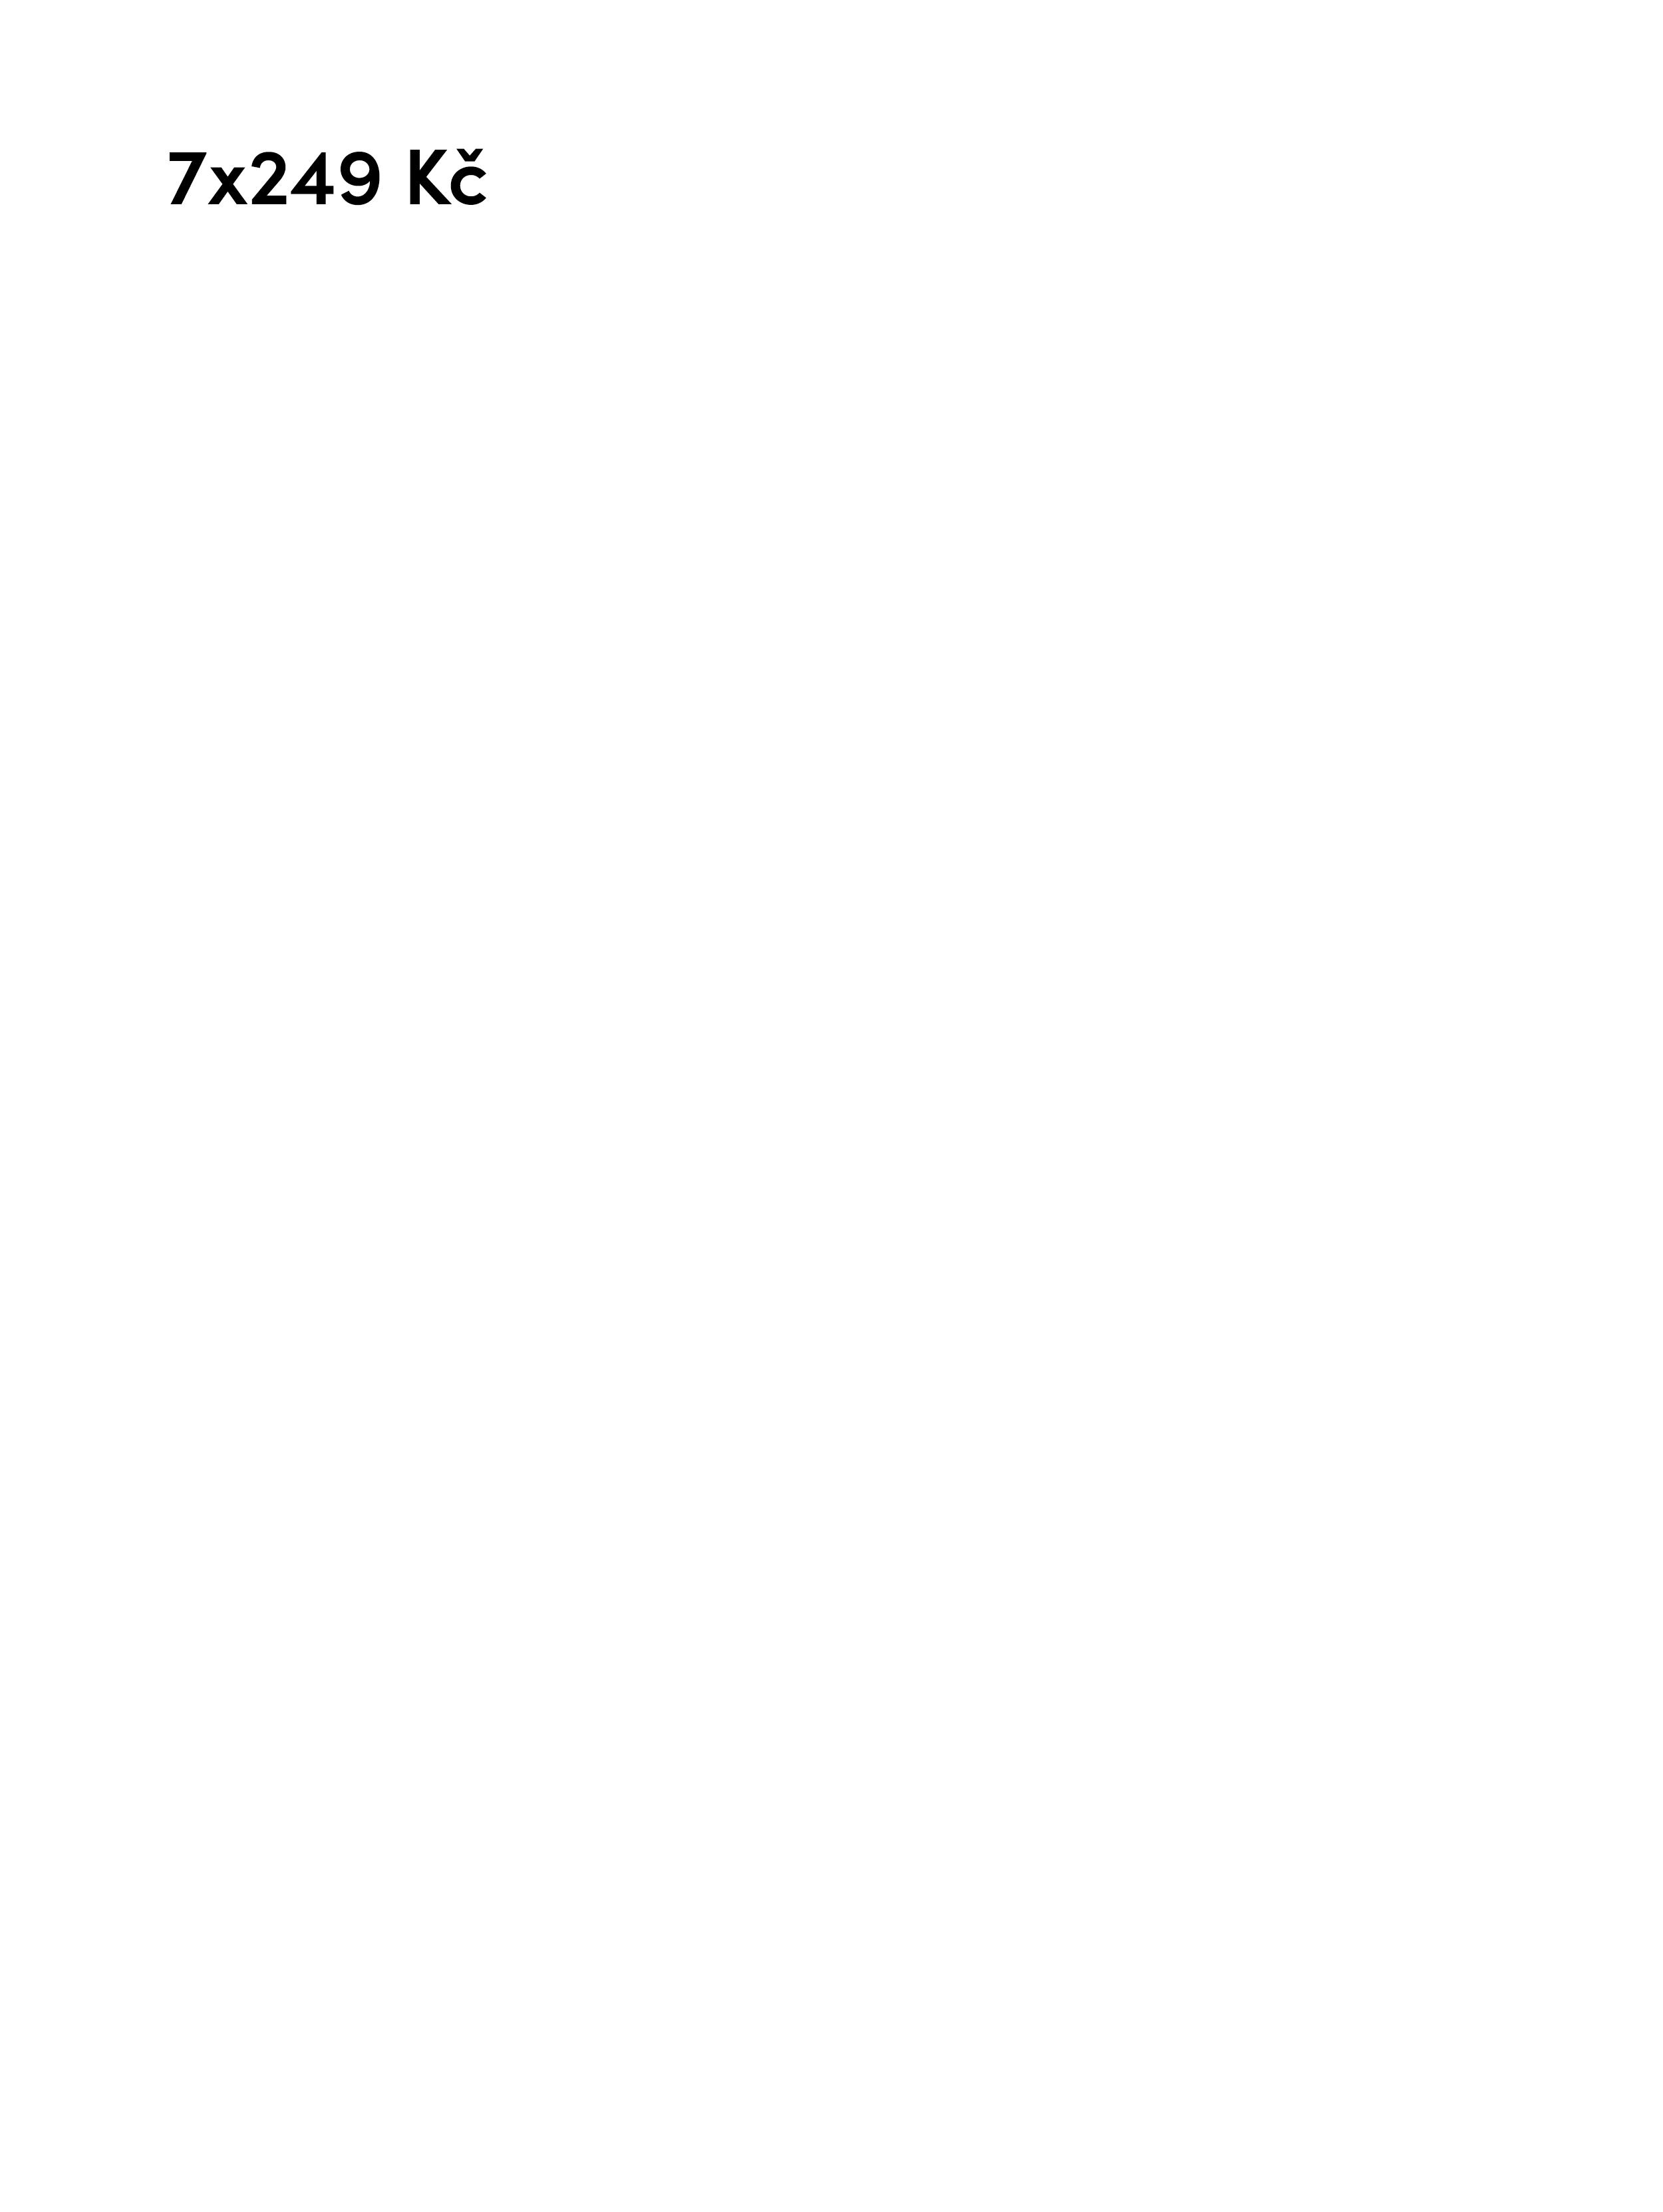 CZ_7x249